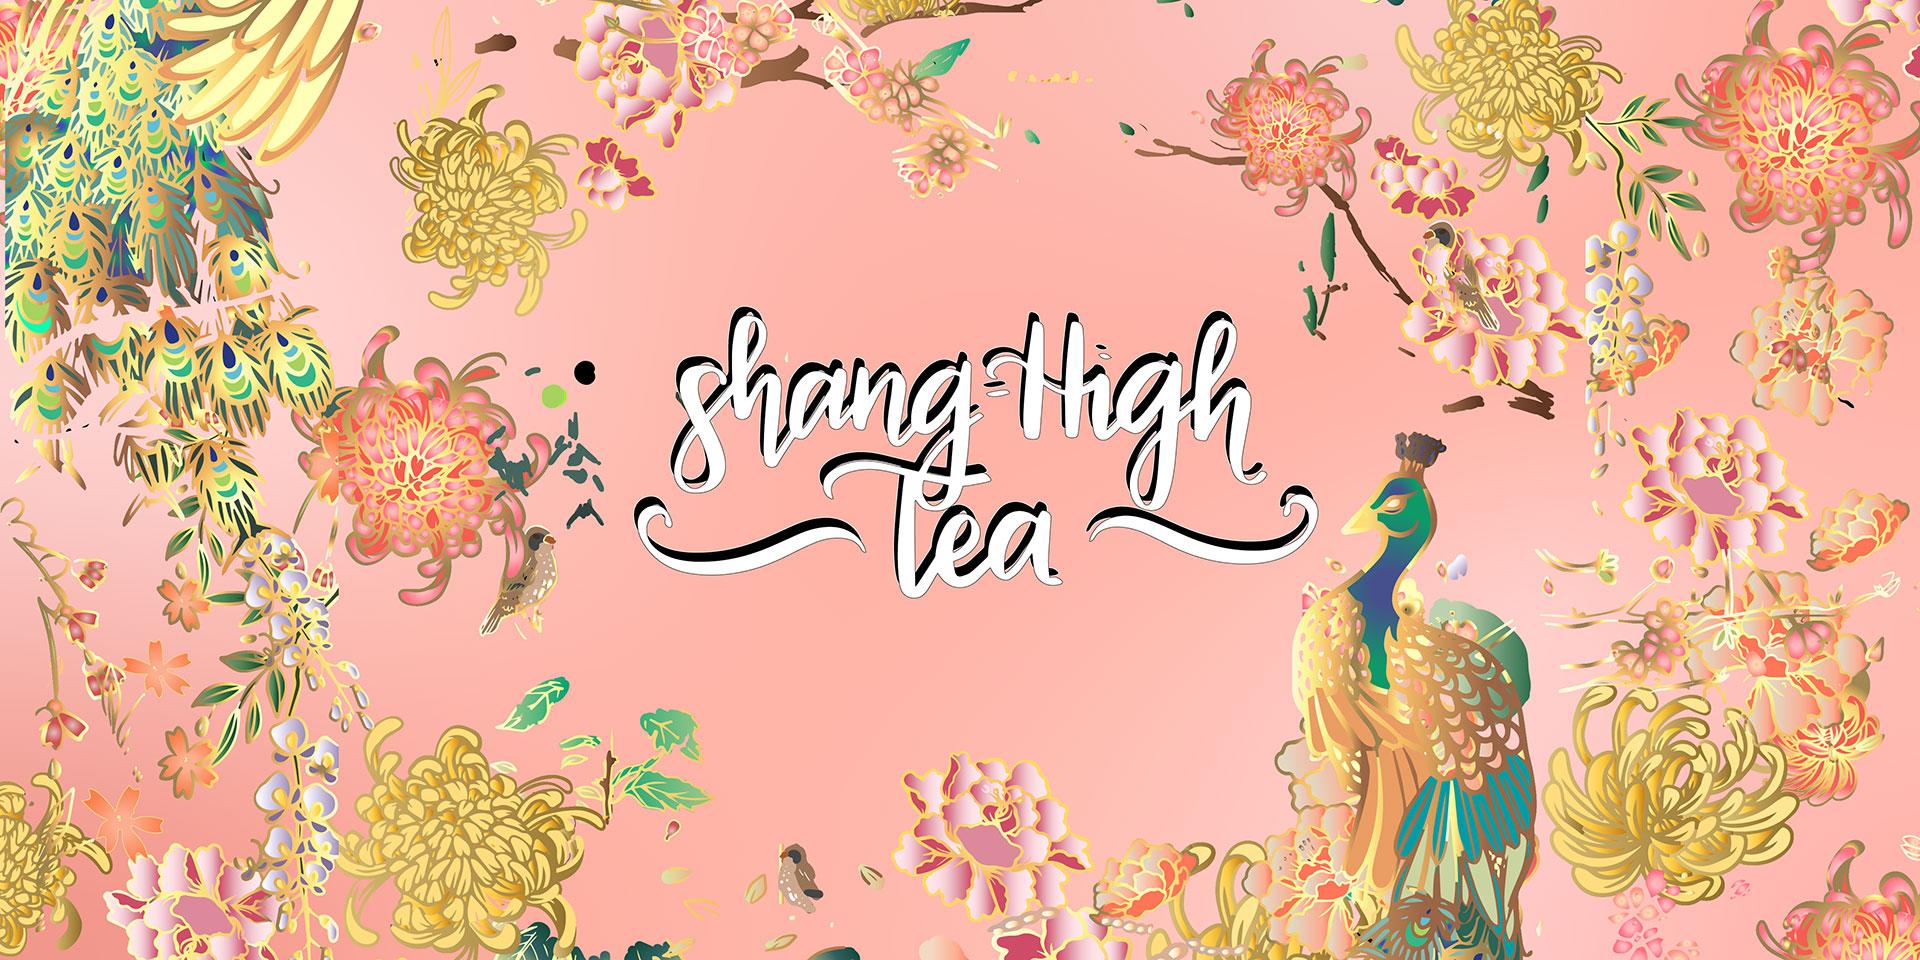 shang-high-tea-event.jpg